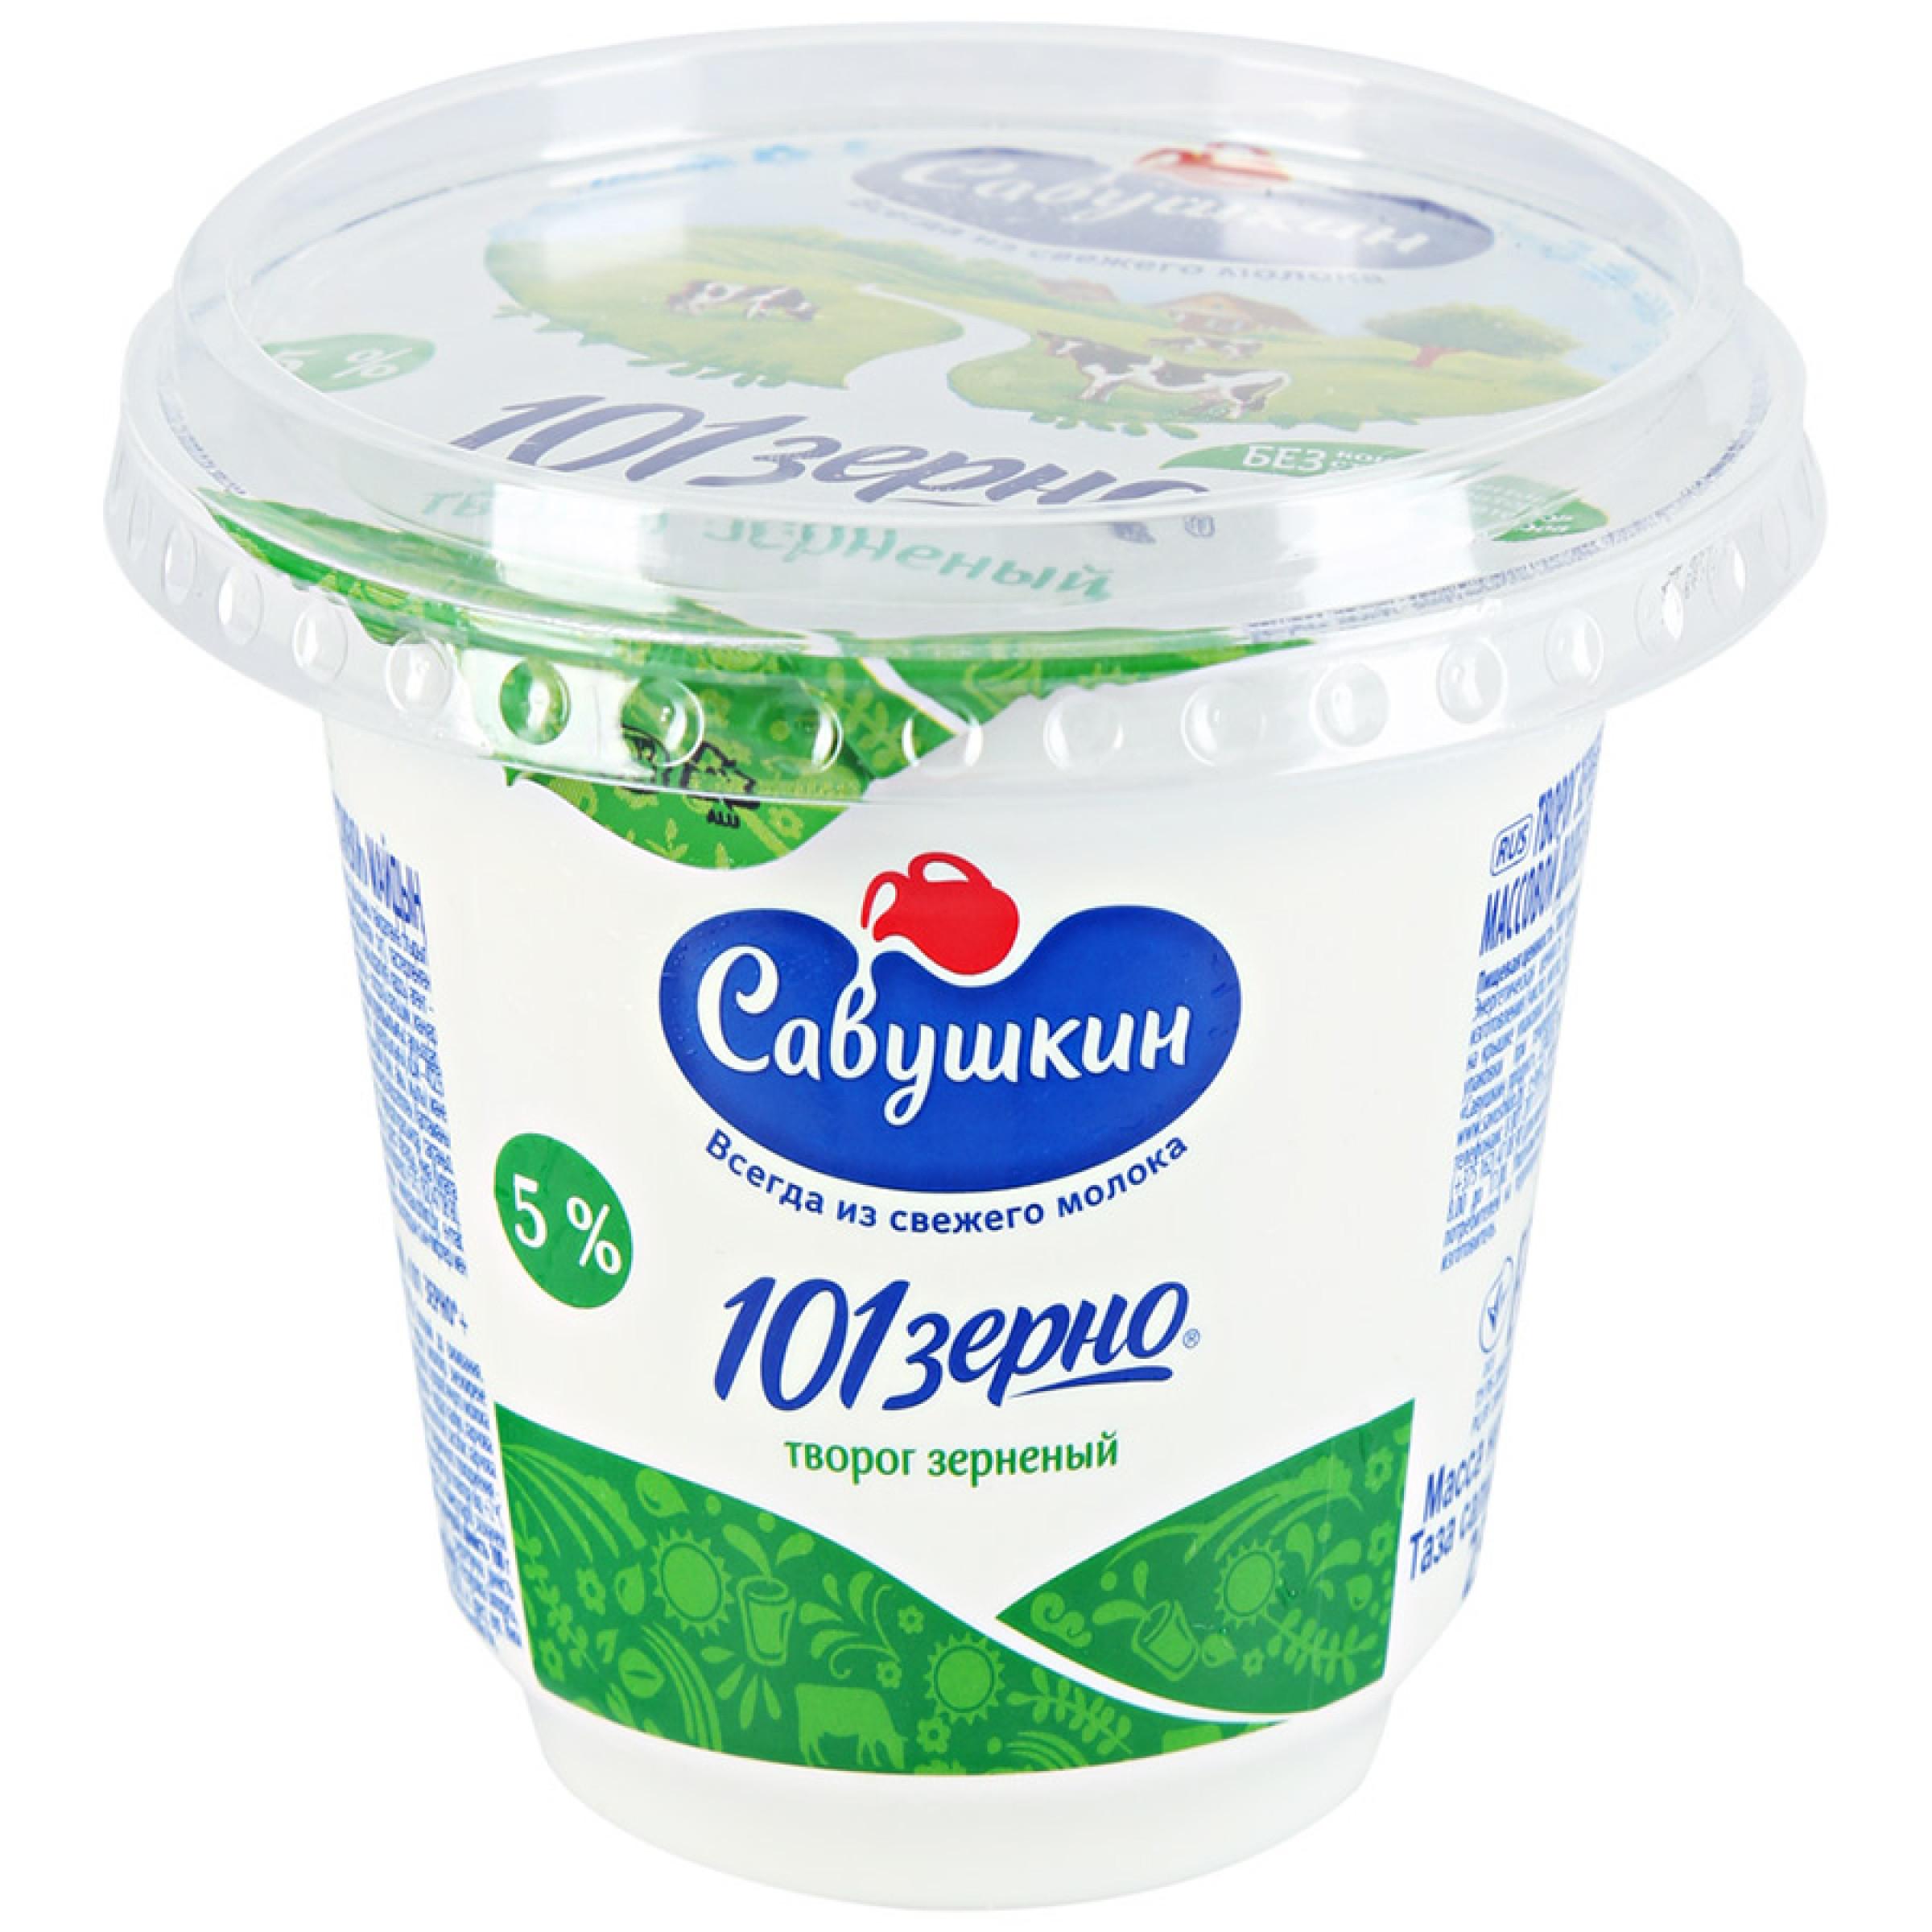 """Творог зерненый """"101 Зерно"""" 5 % Савушкин продукт, 200гр."""